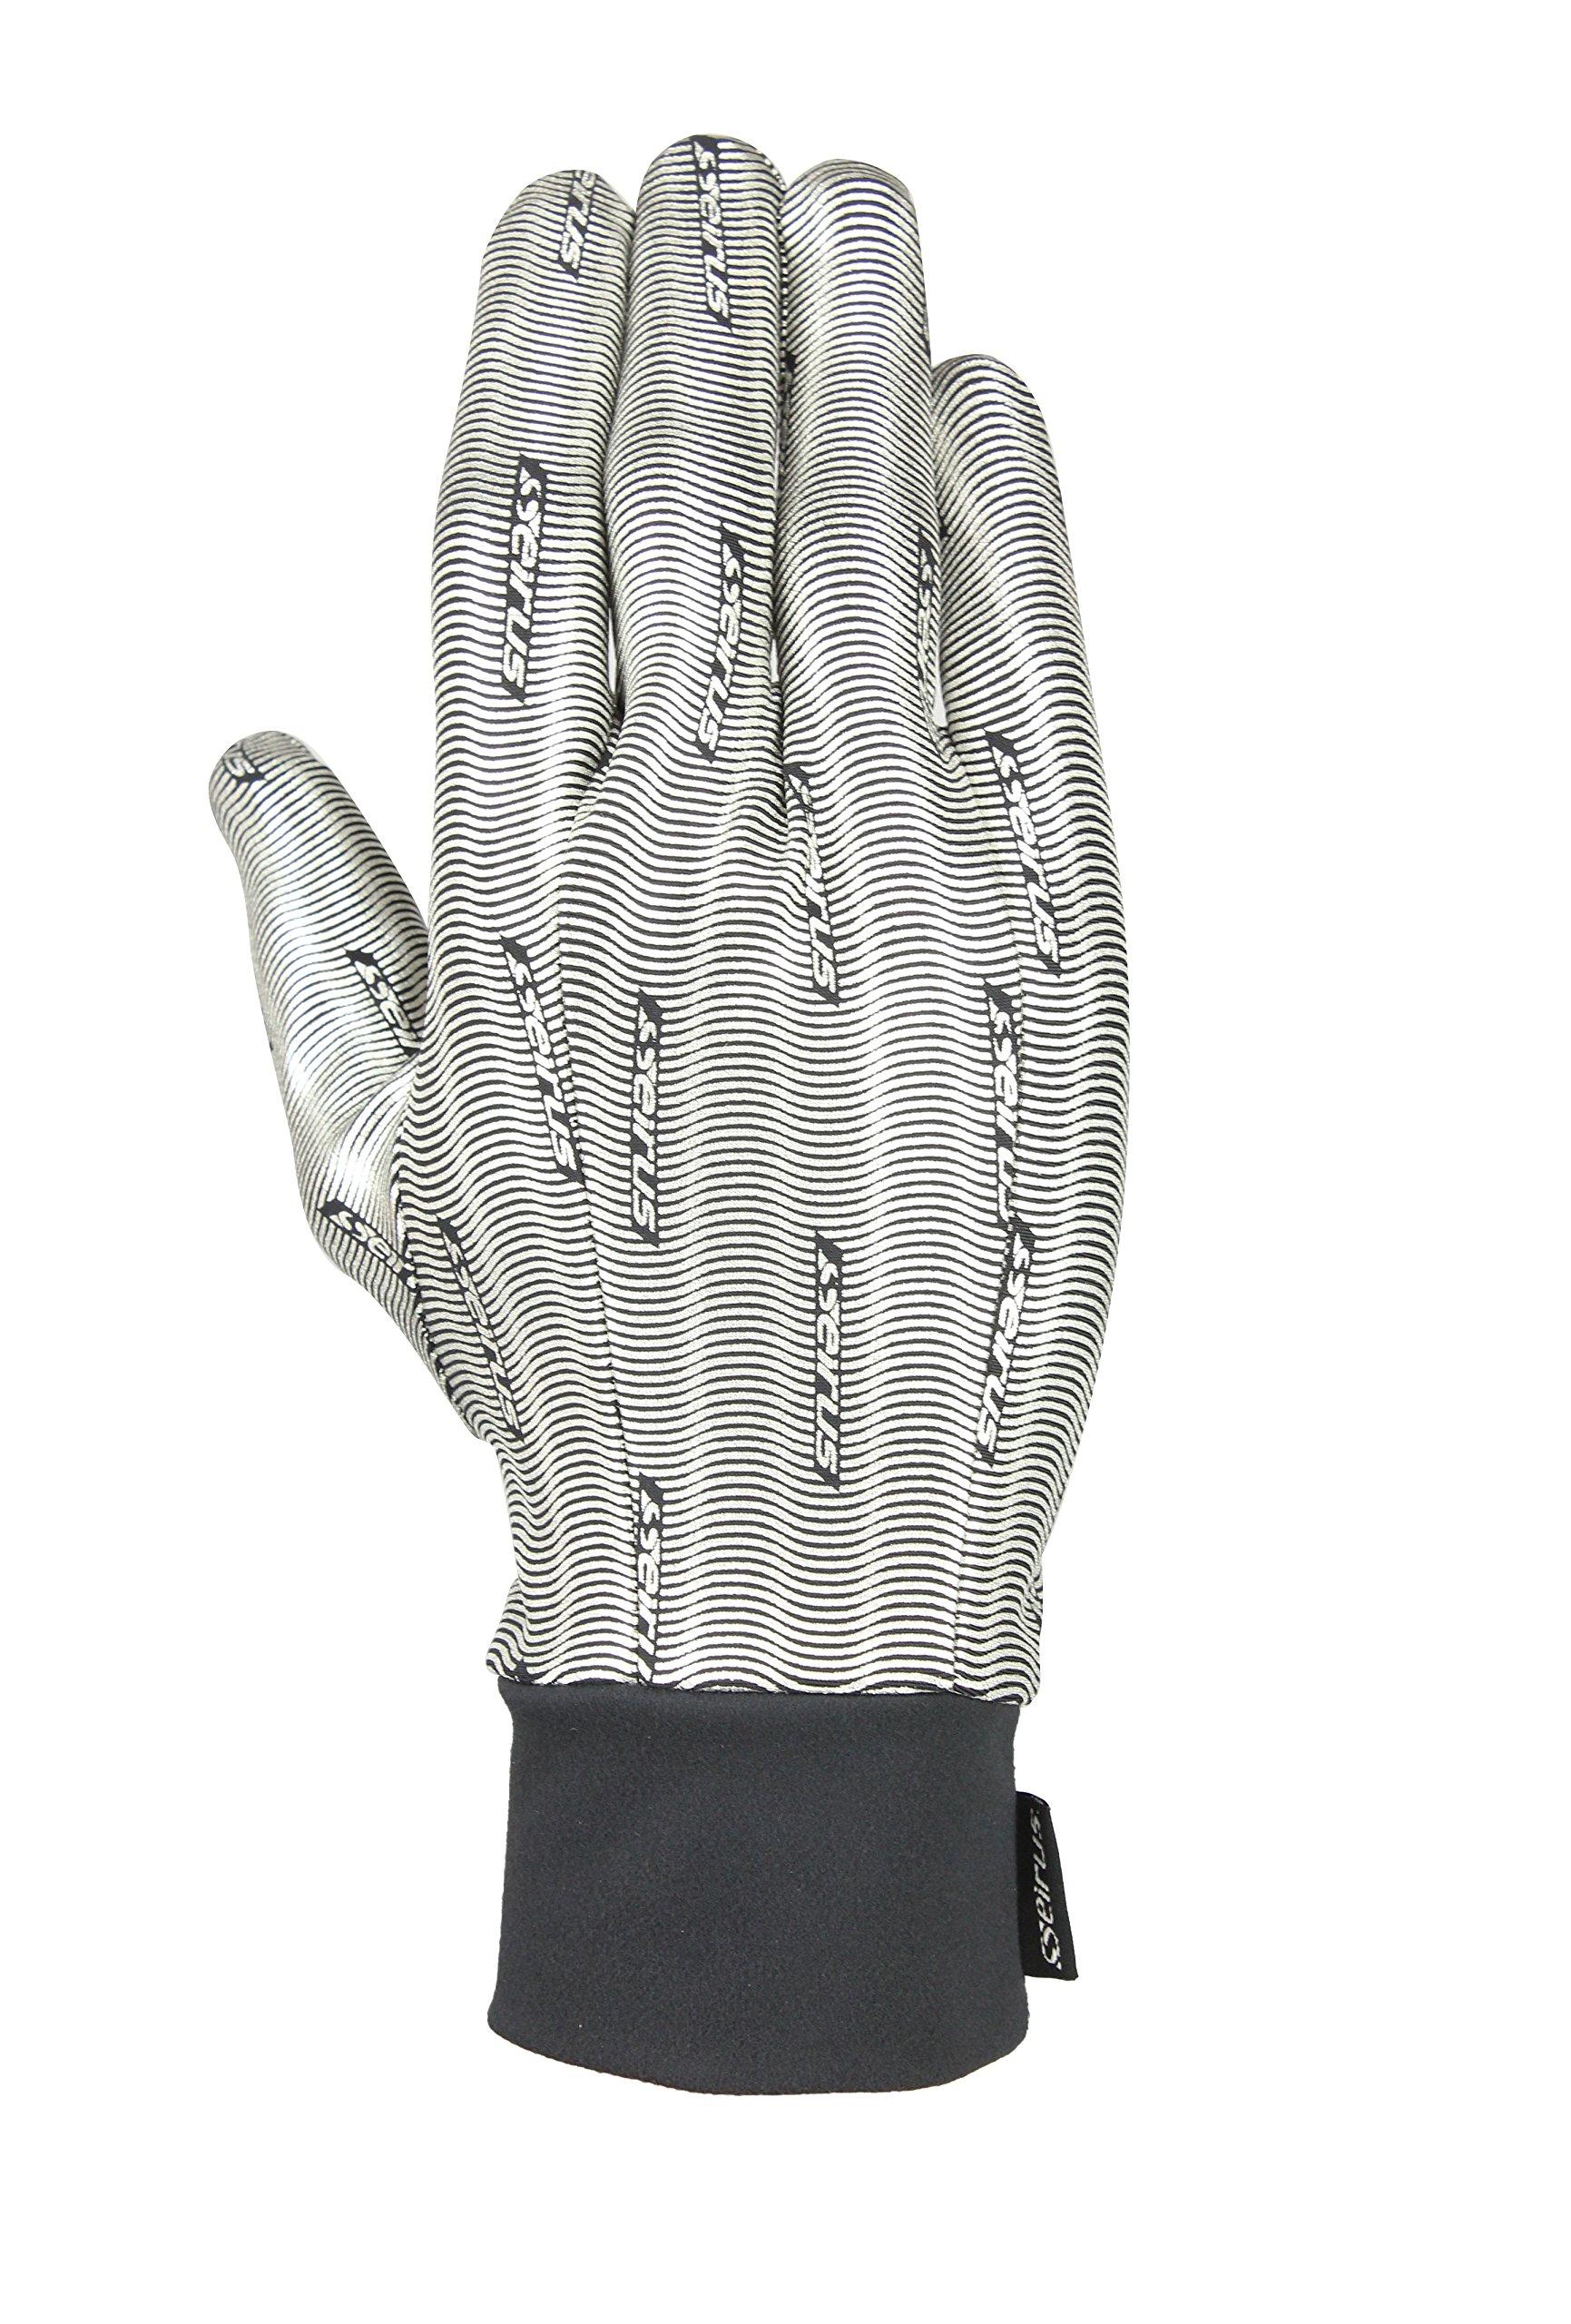 Seirus Innovation 2116 Heatwave Glove Liner with Heatwave Technology, Silver LG/XL by Seirus Innovation